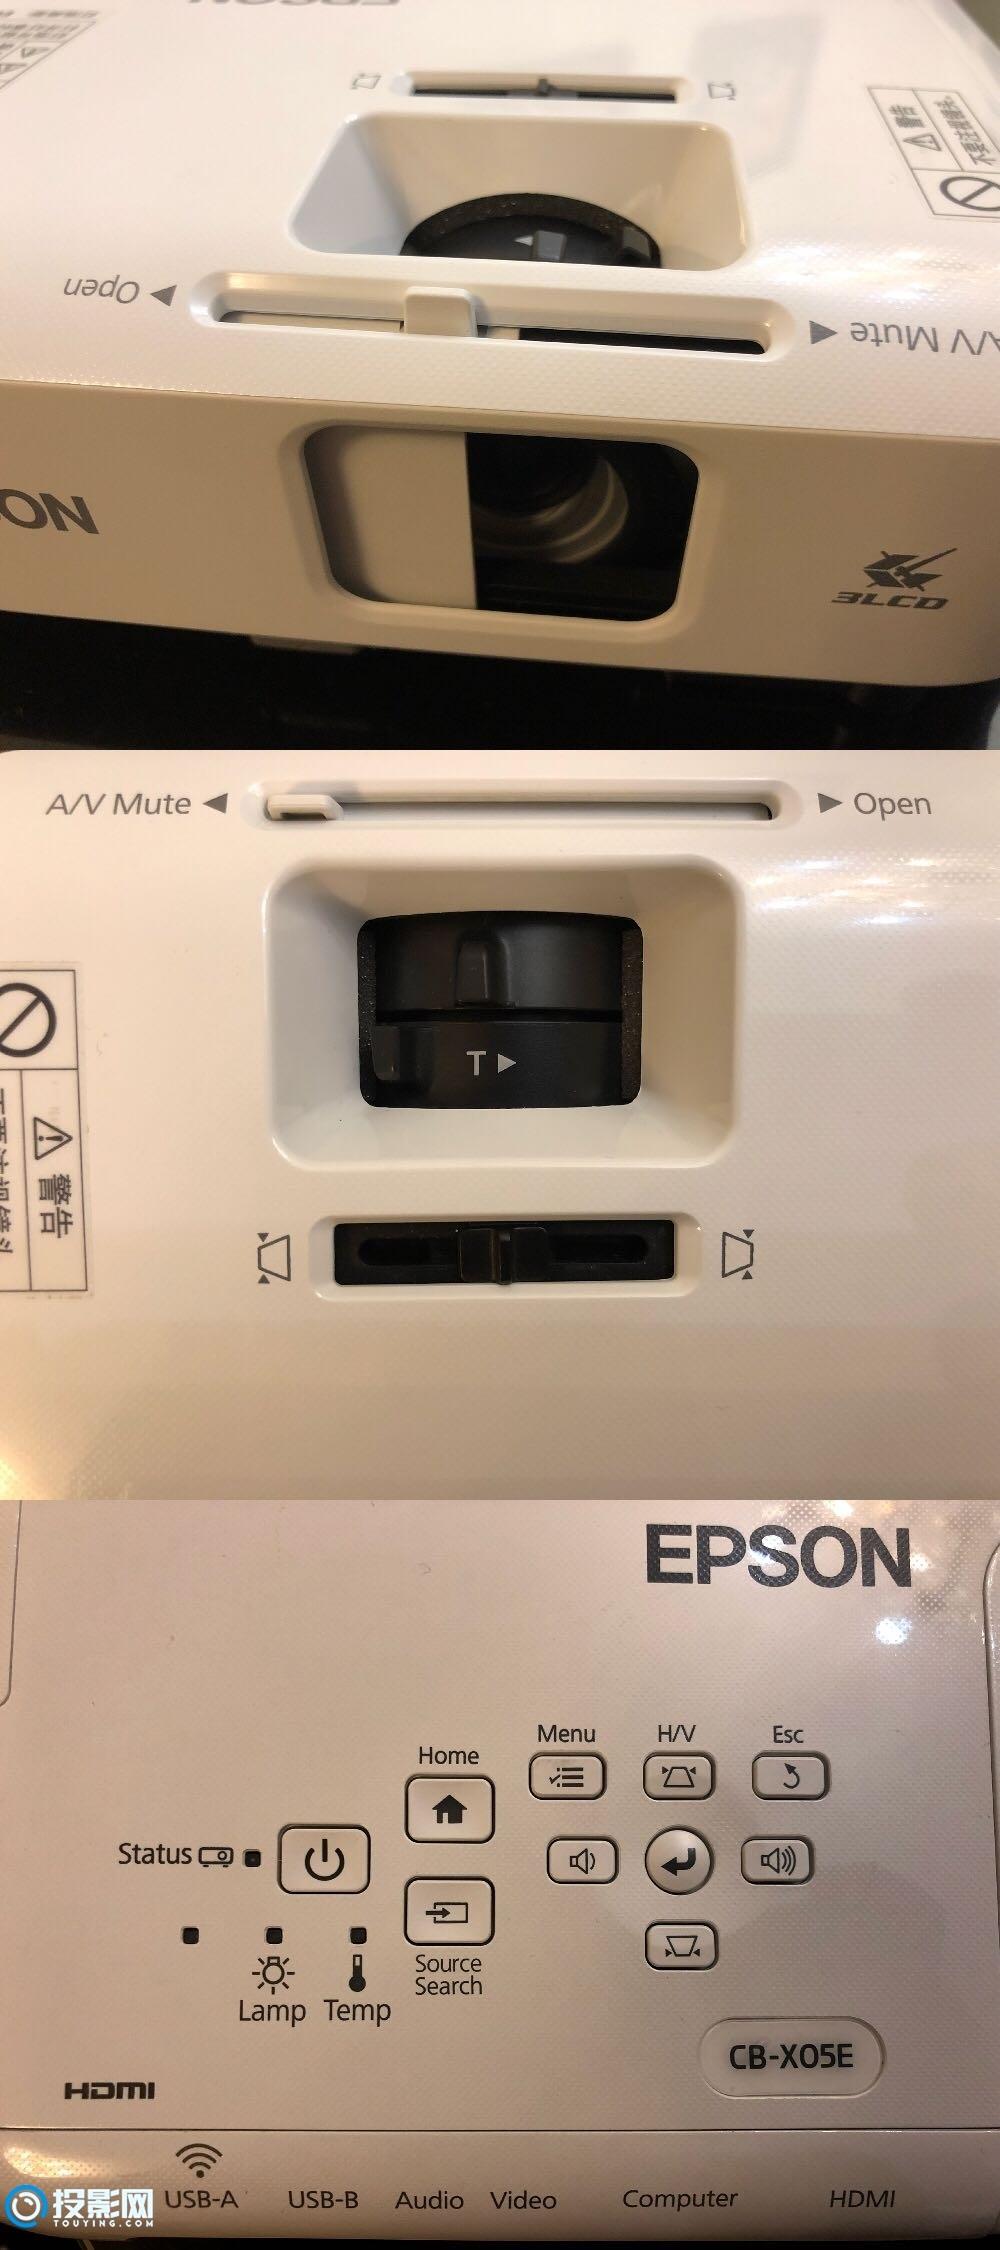 爱普生CB-X05E投影仪怎么样?深度测评了解一下